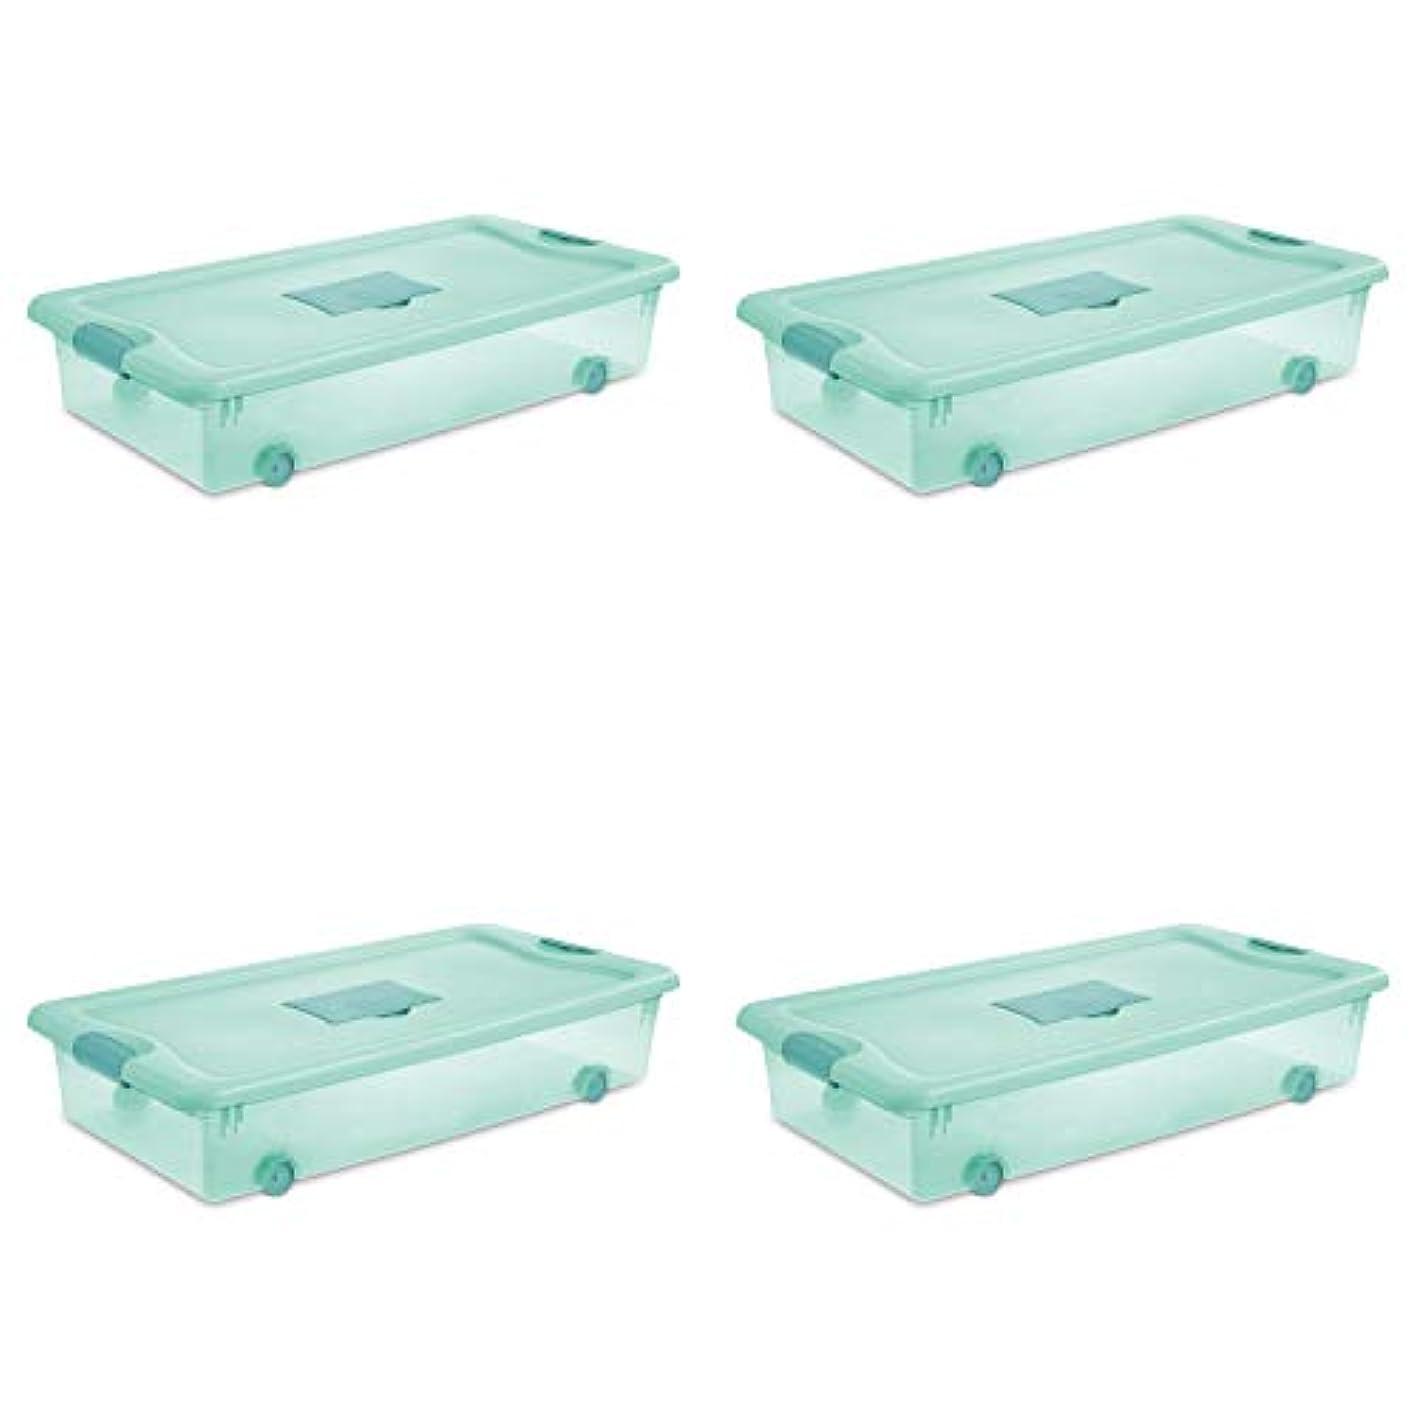 STERILITE 15087Y04 Fresh Scent Box, 56 Quart, Tint/Aqua Chrome/Teal Splash